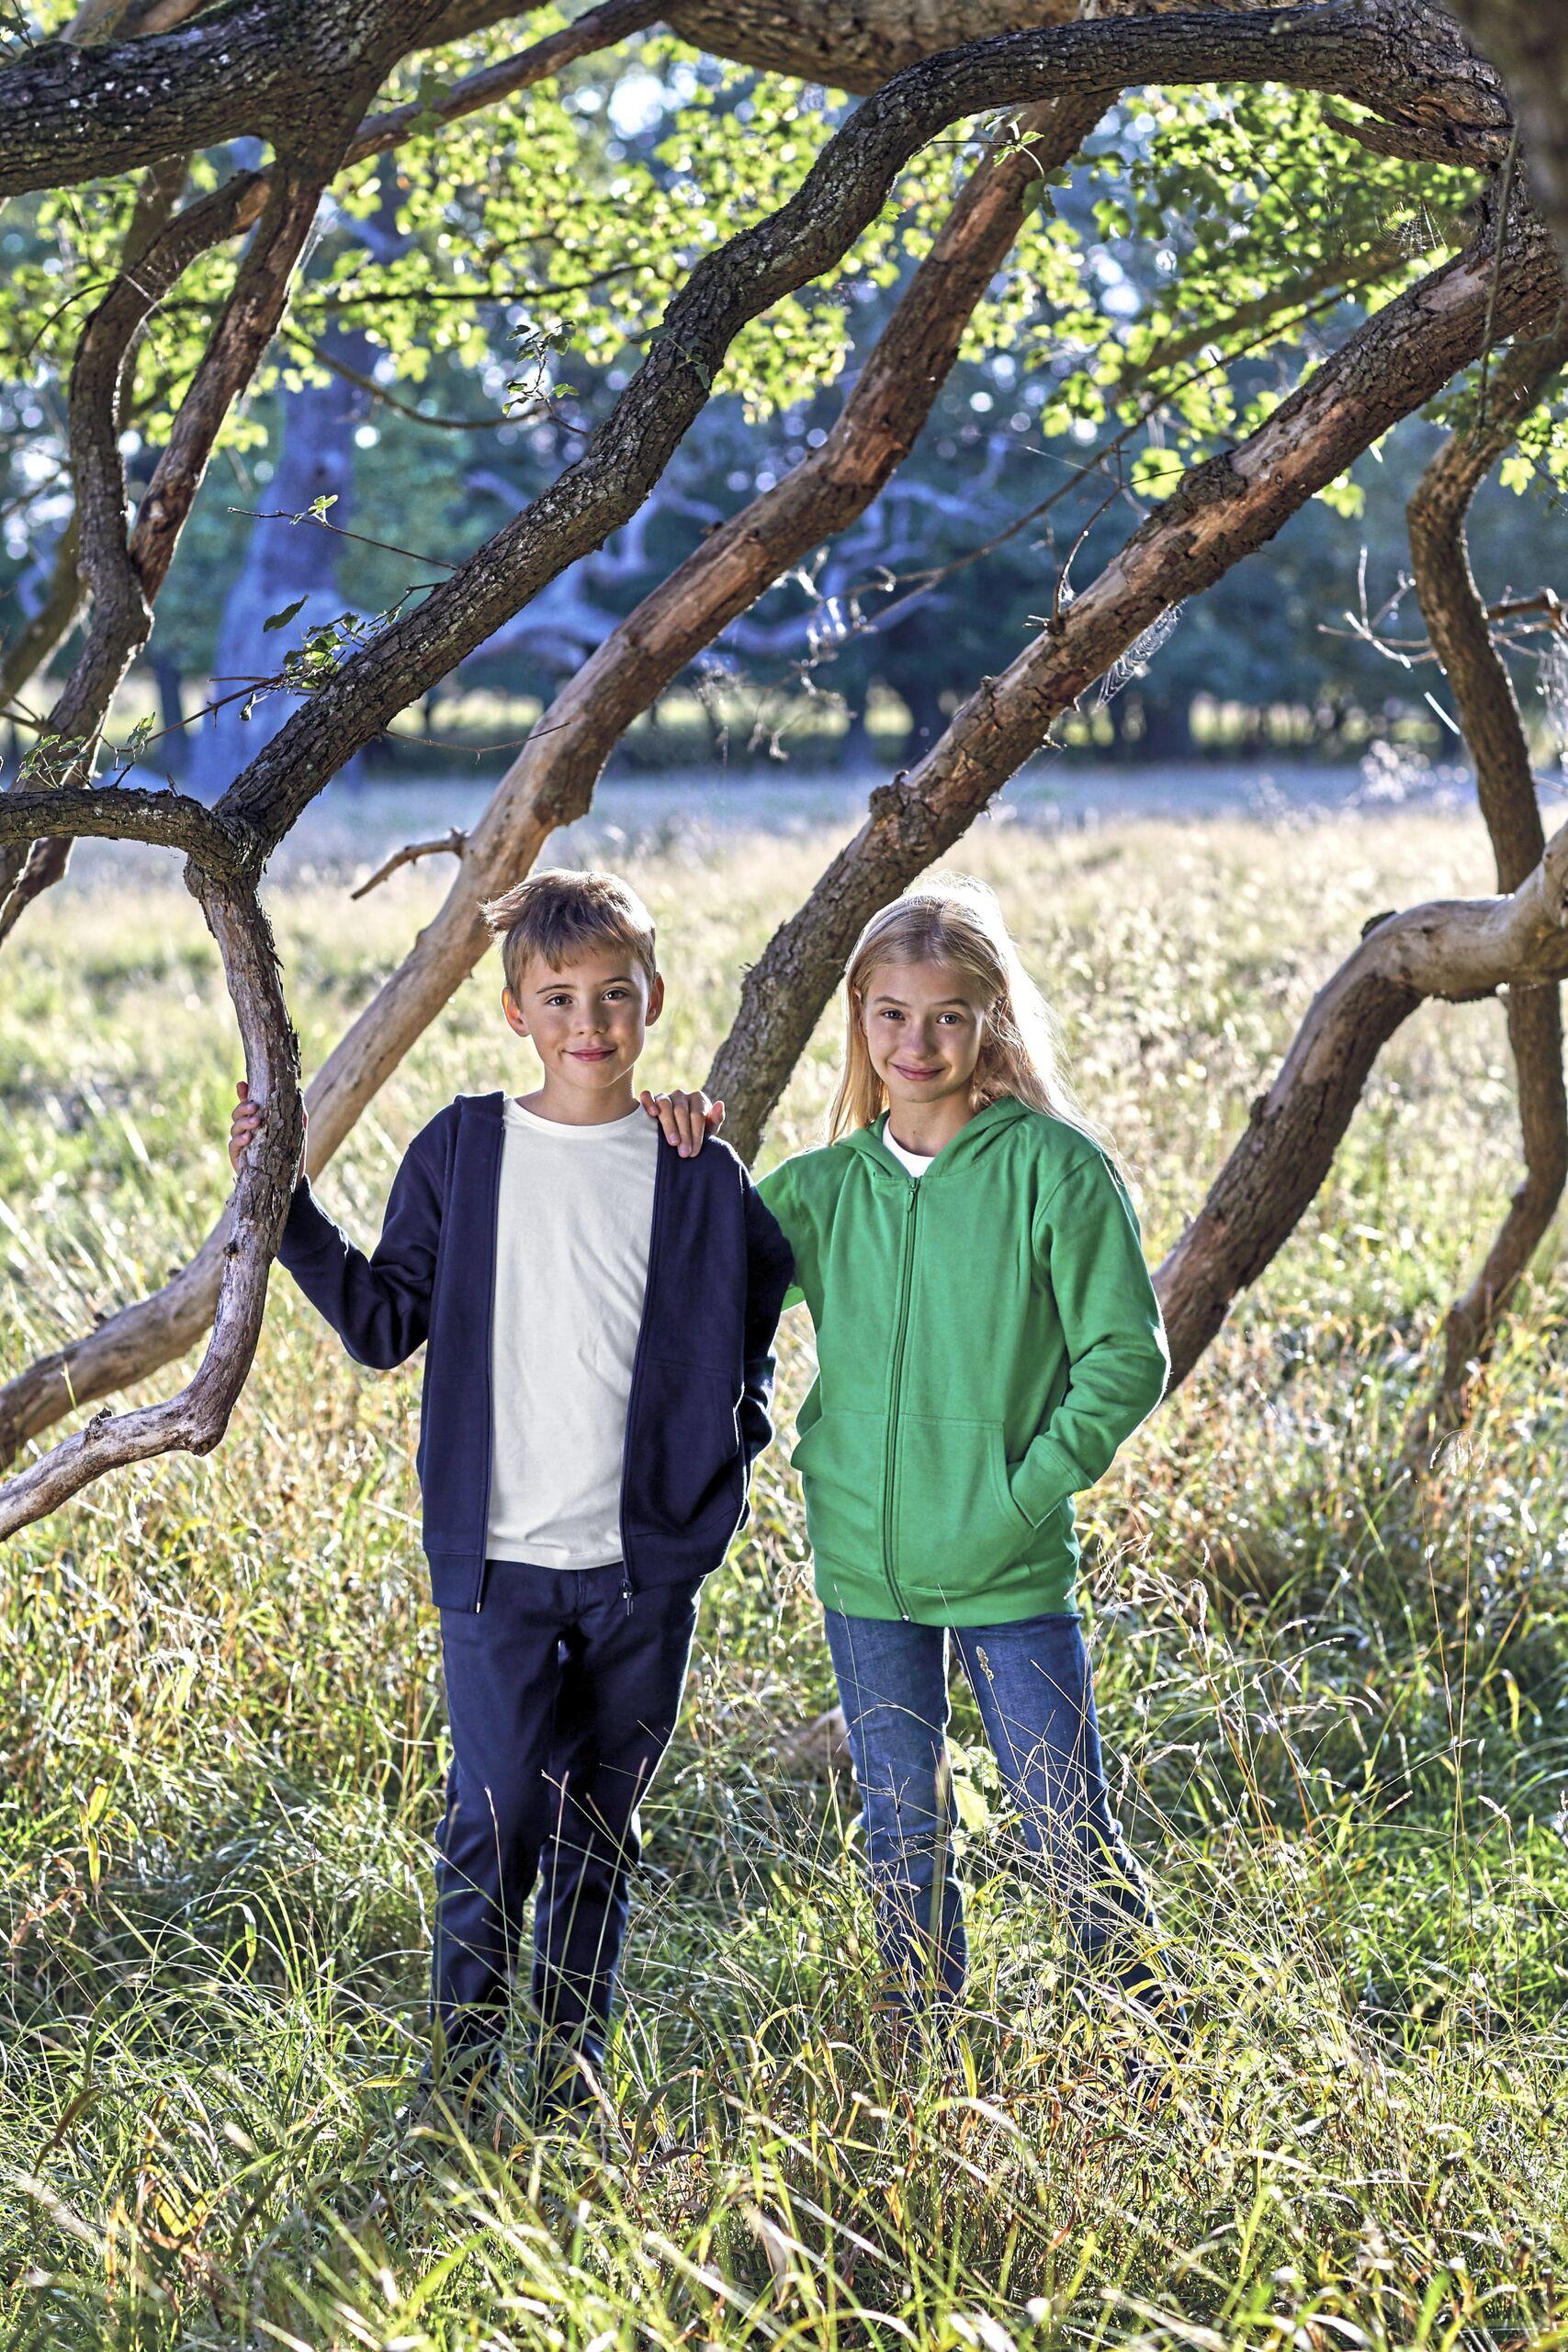 Økologisk, Fairtrade Og Co2 Neutral  Hættesweatshirt Med Lynlås Til Børn I En 300g/m2 Kvalitet [NE13301]